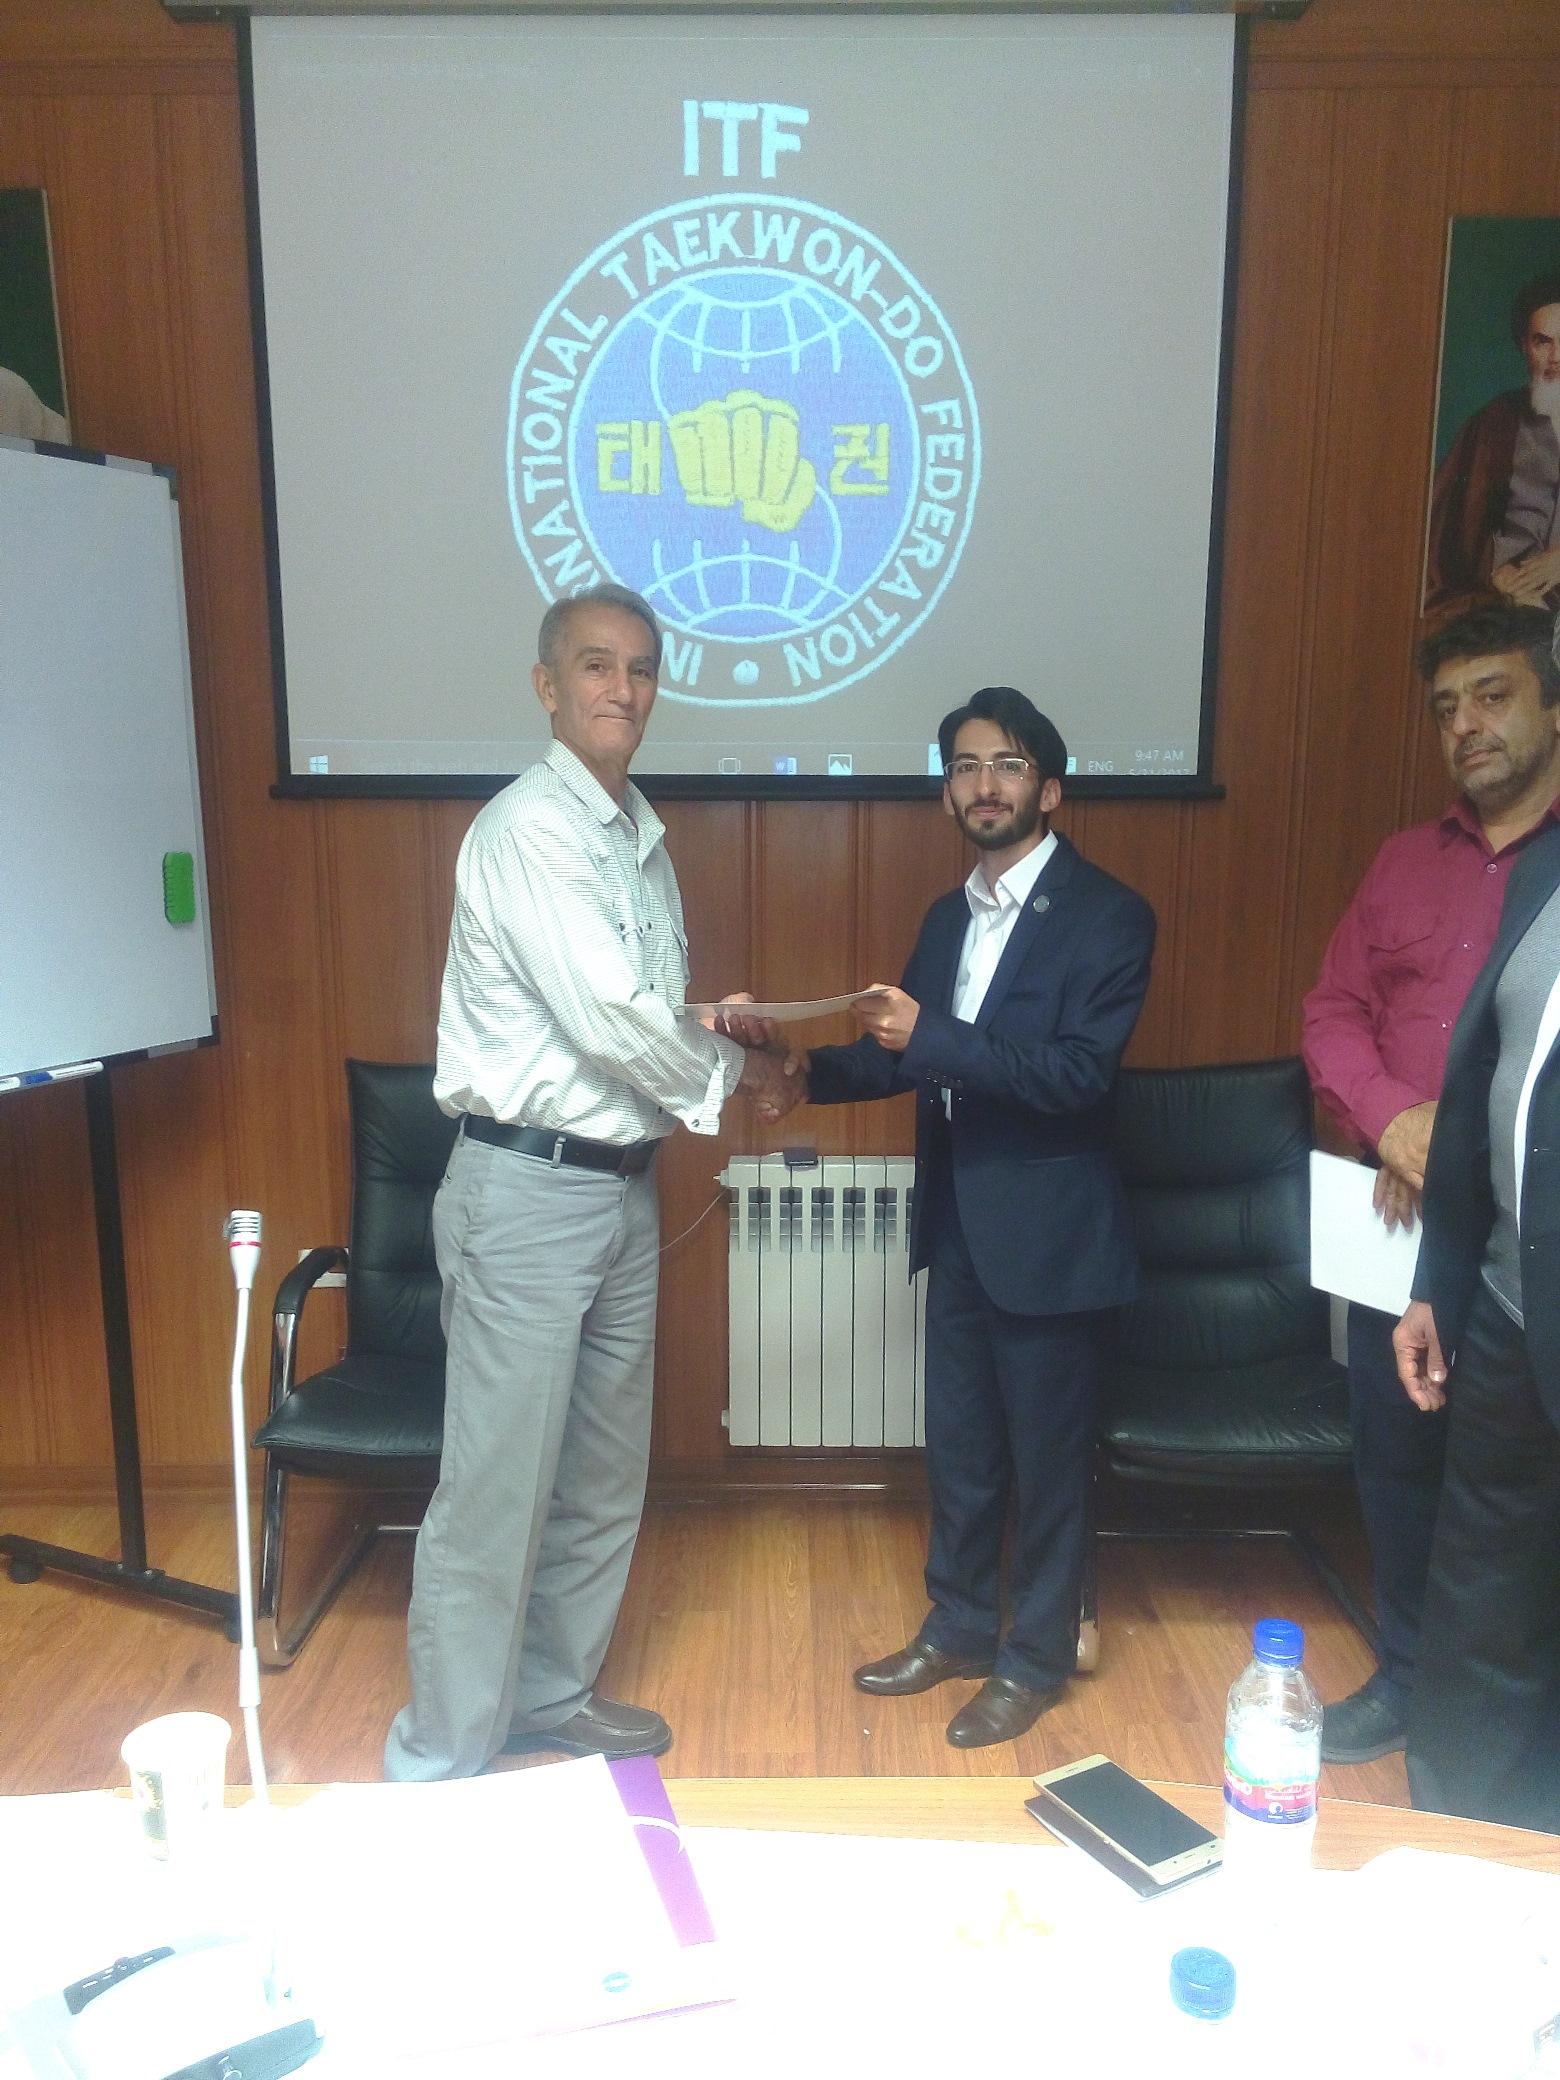 انتصاب دکتر سابُوم رضا قدسی بعنوان رئیس کمیته امور بین الملل